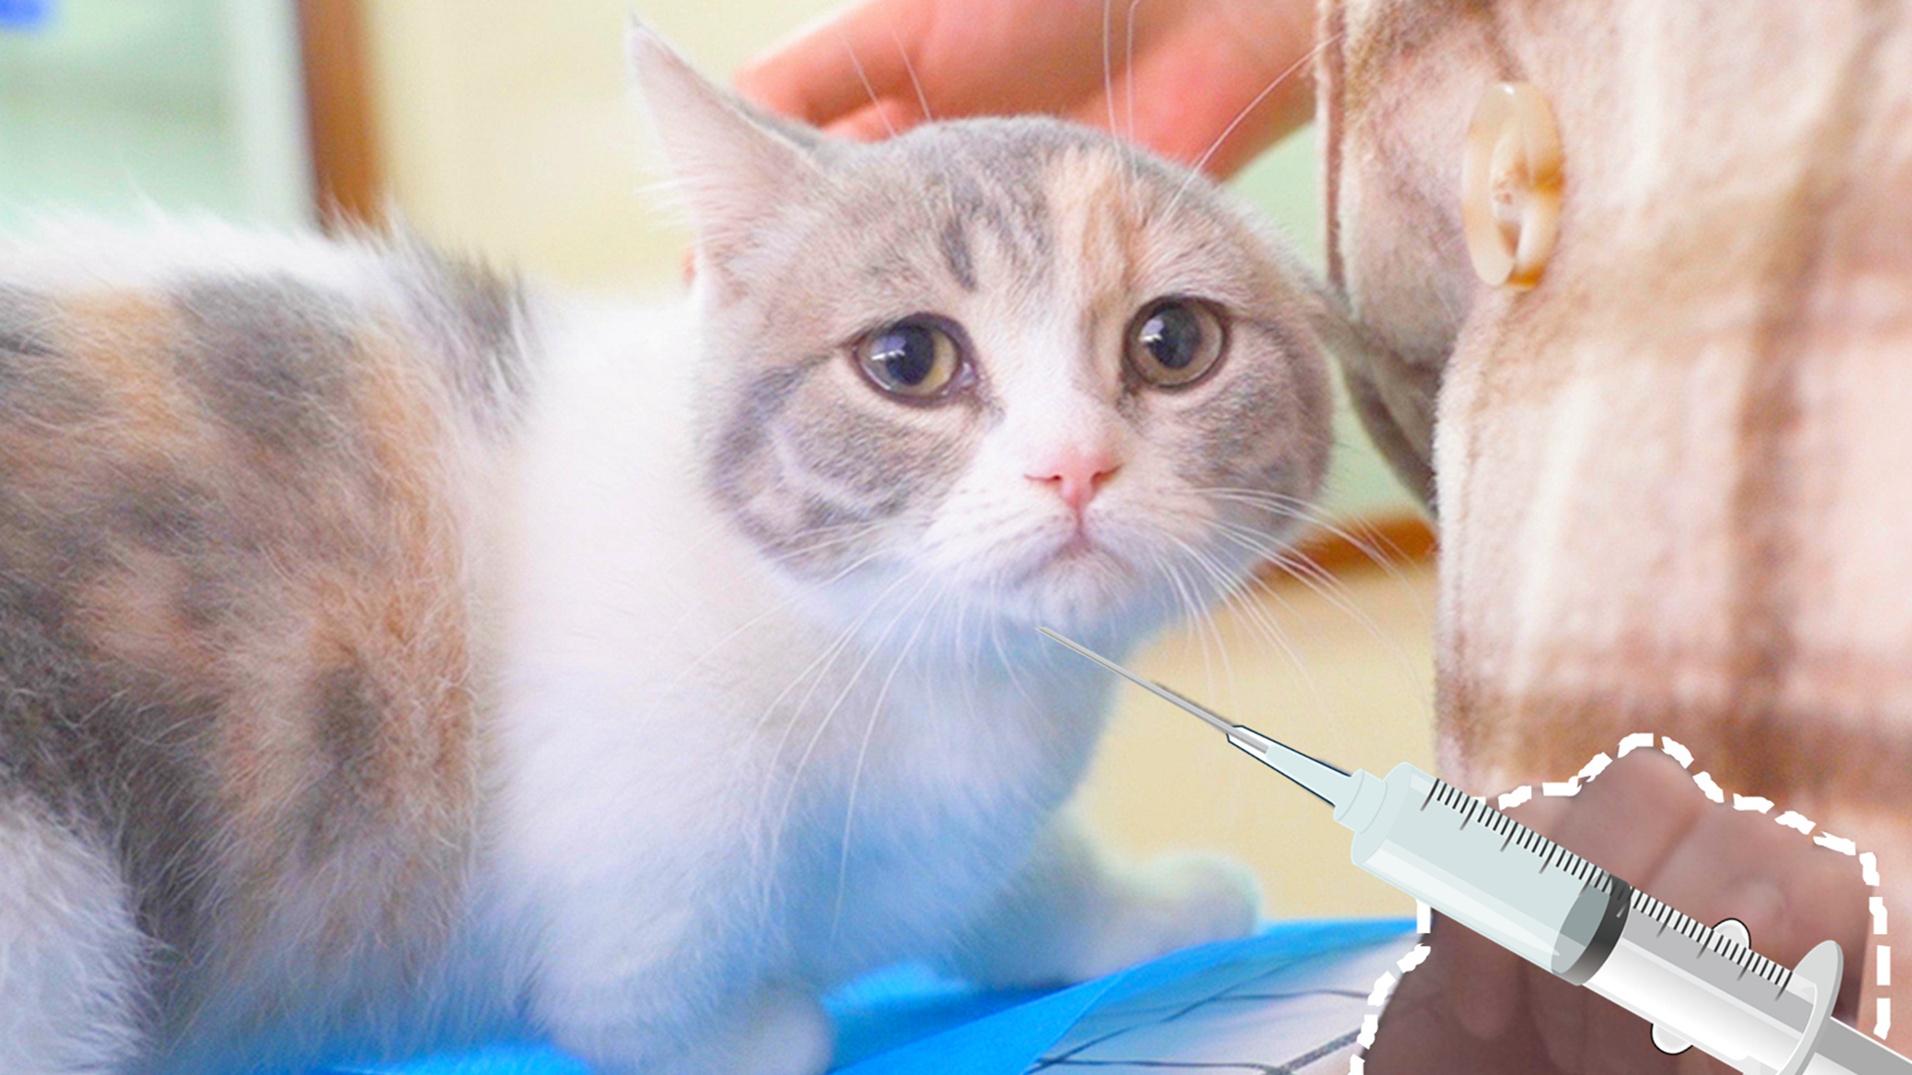 小猫打针怕疼,还没扎就大声哭喊,医生都懵了